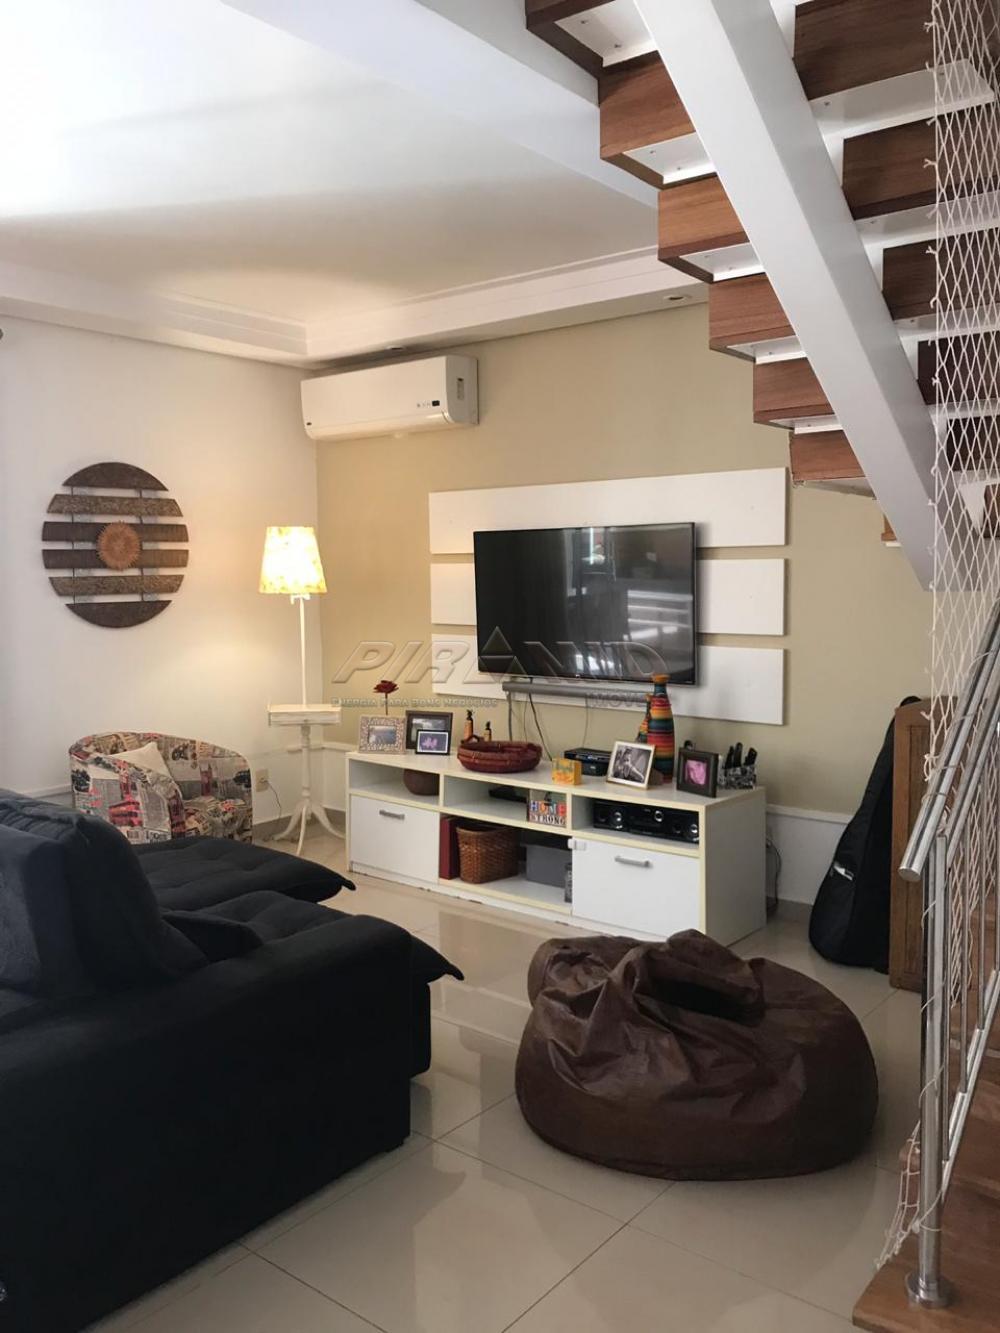 Comprar Casa / Condomínio em Ribeirão Preto apenas R$ 850.000,00 - Foto 2